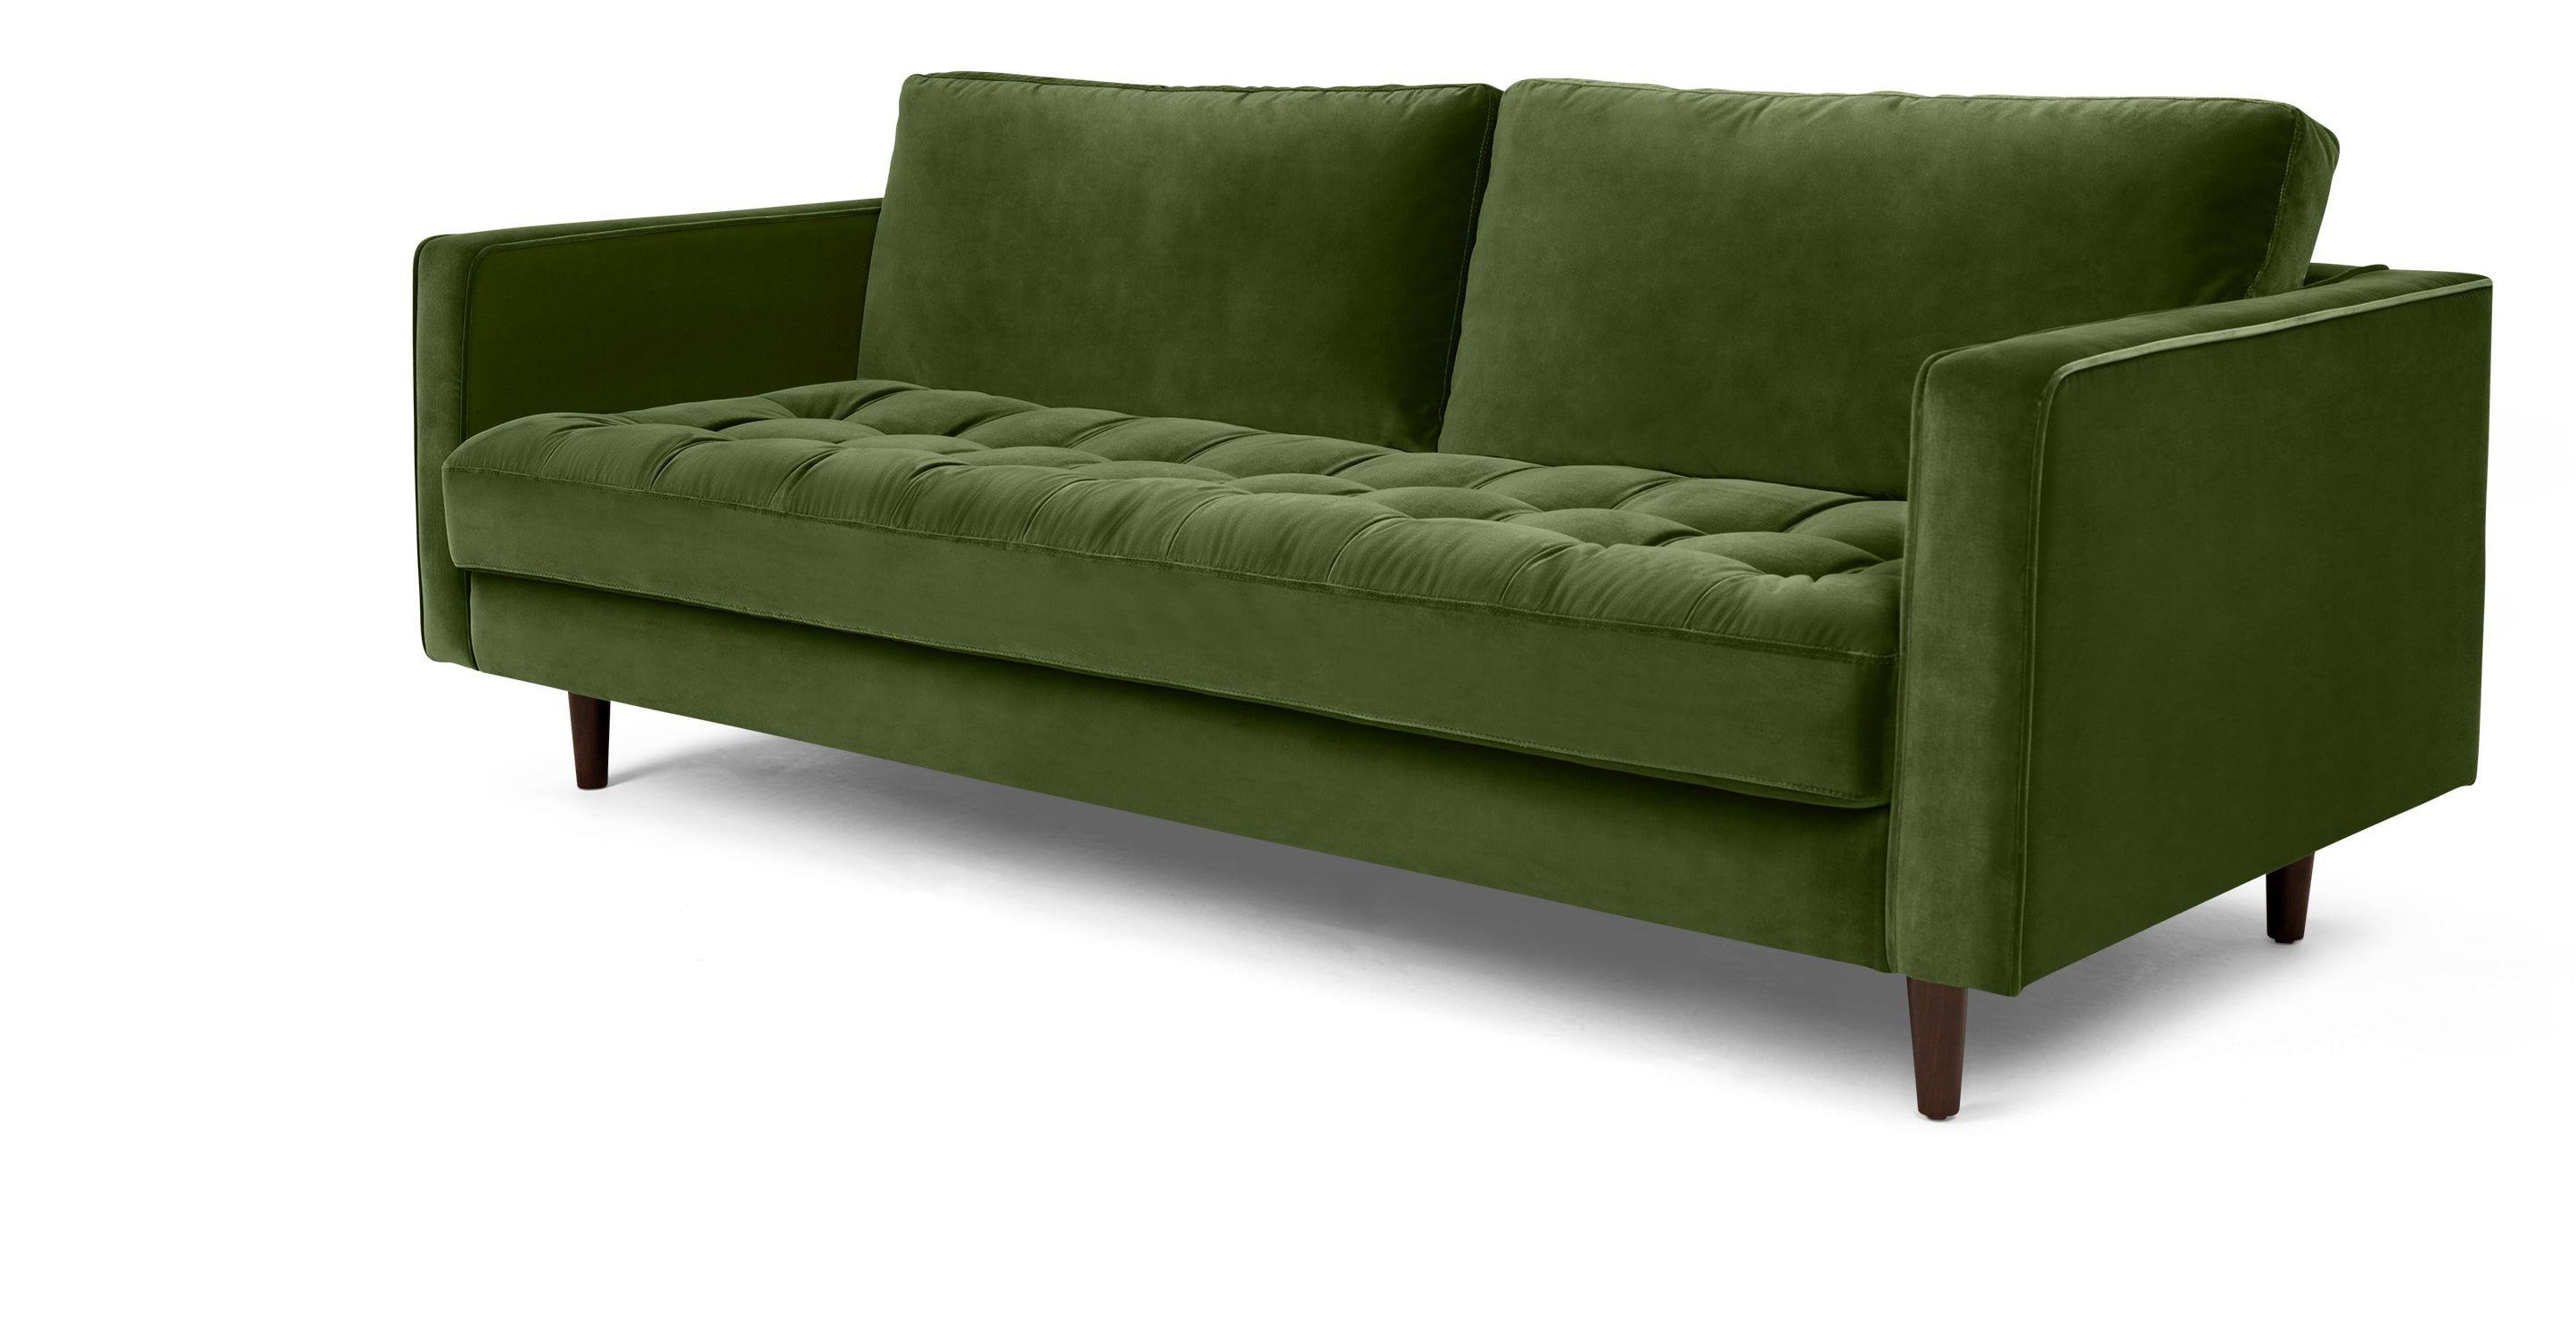 Für dieses Sofa haben wir eine geradlinige Silhouette mit klassischen Features kombiniert und das Ganze in einen aufregenden, grünen Samtstoff gehüllt.